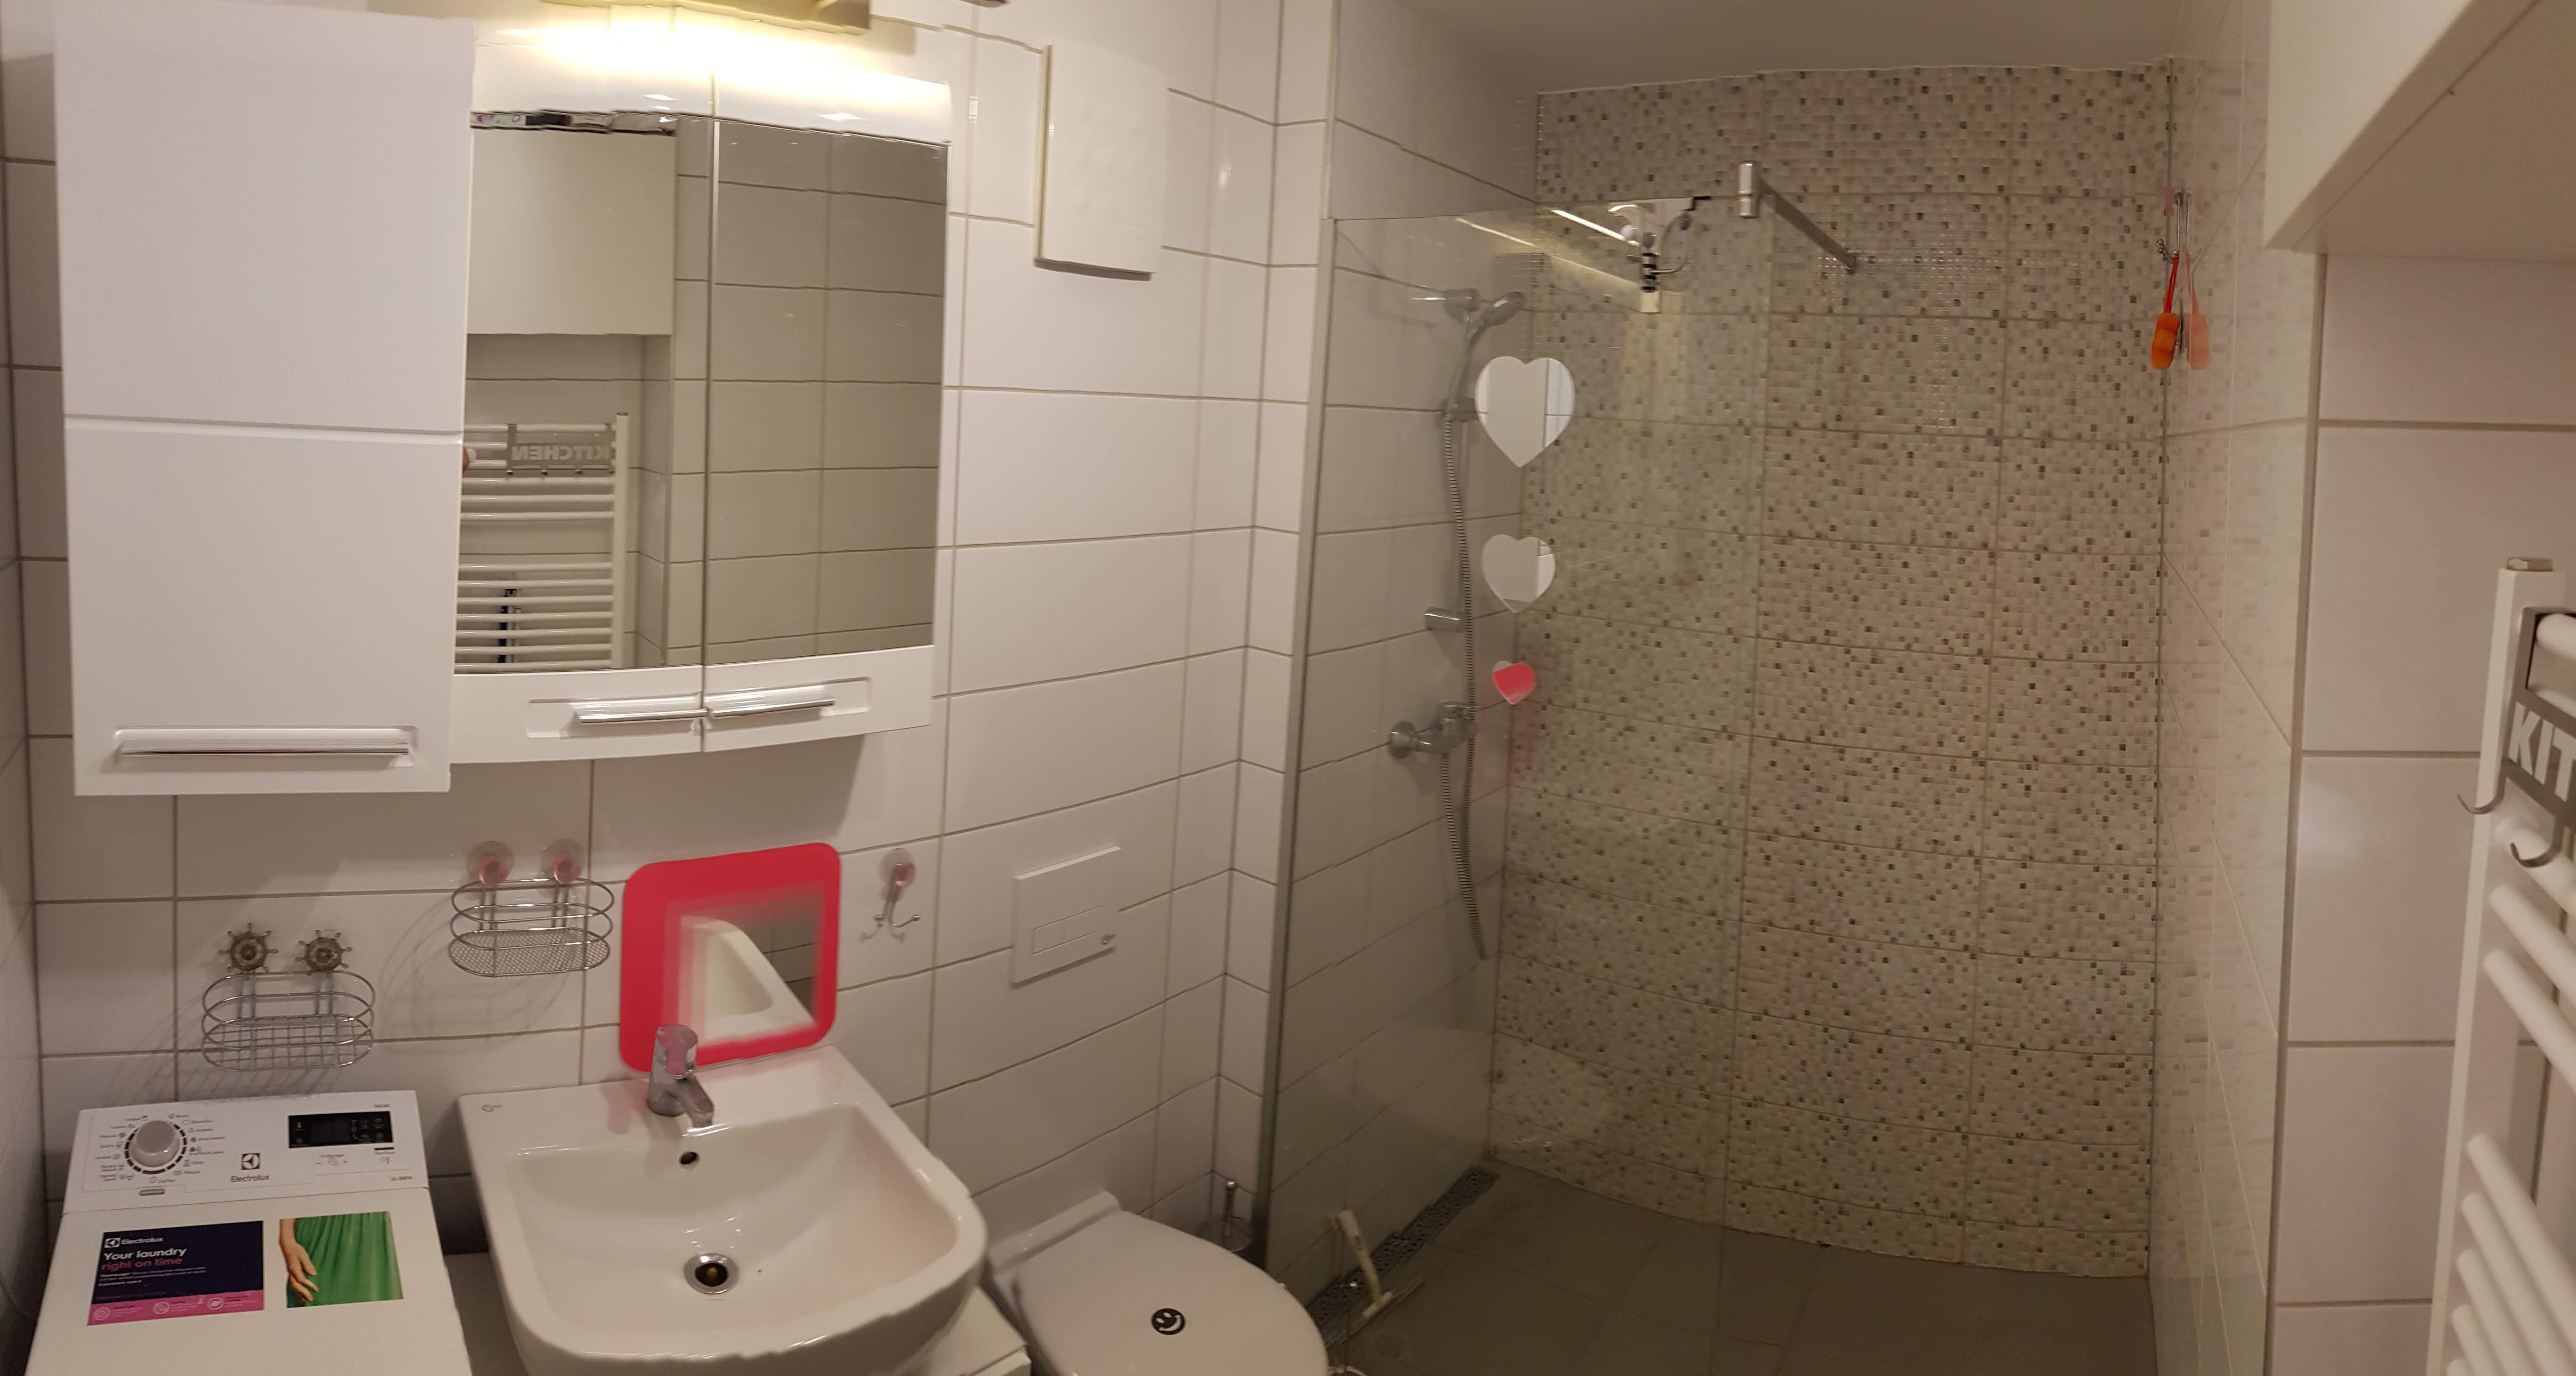 Prenajaté: Prenájom 2 izb. byt, Dornyk, Ružinov-Trnávka, 34,51m2, Pri Avione-10